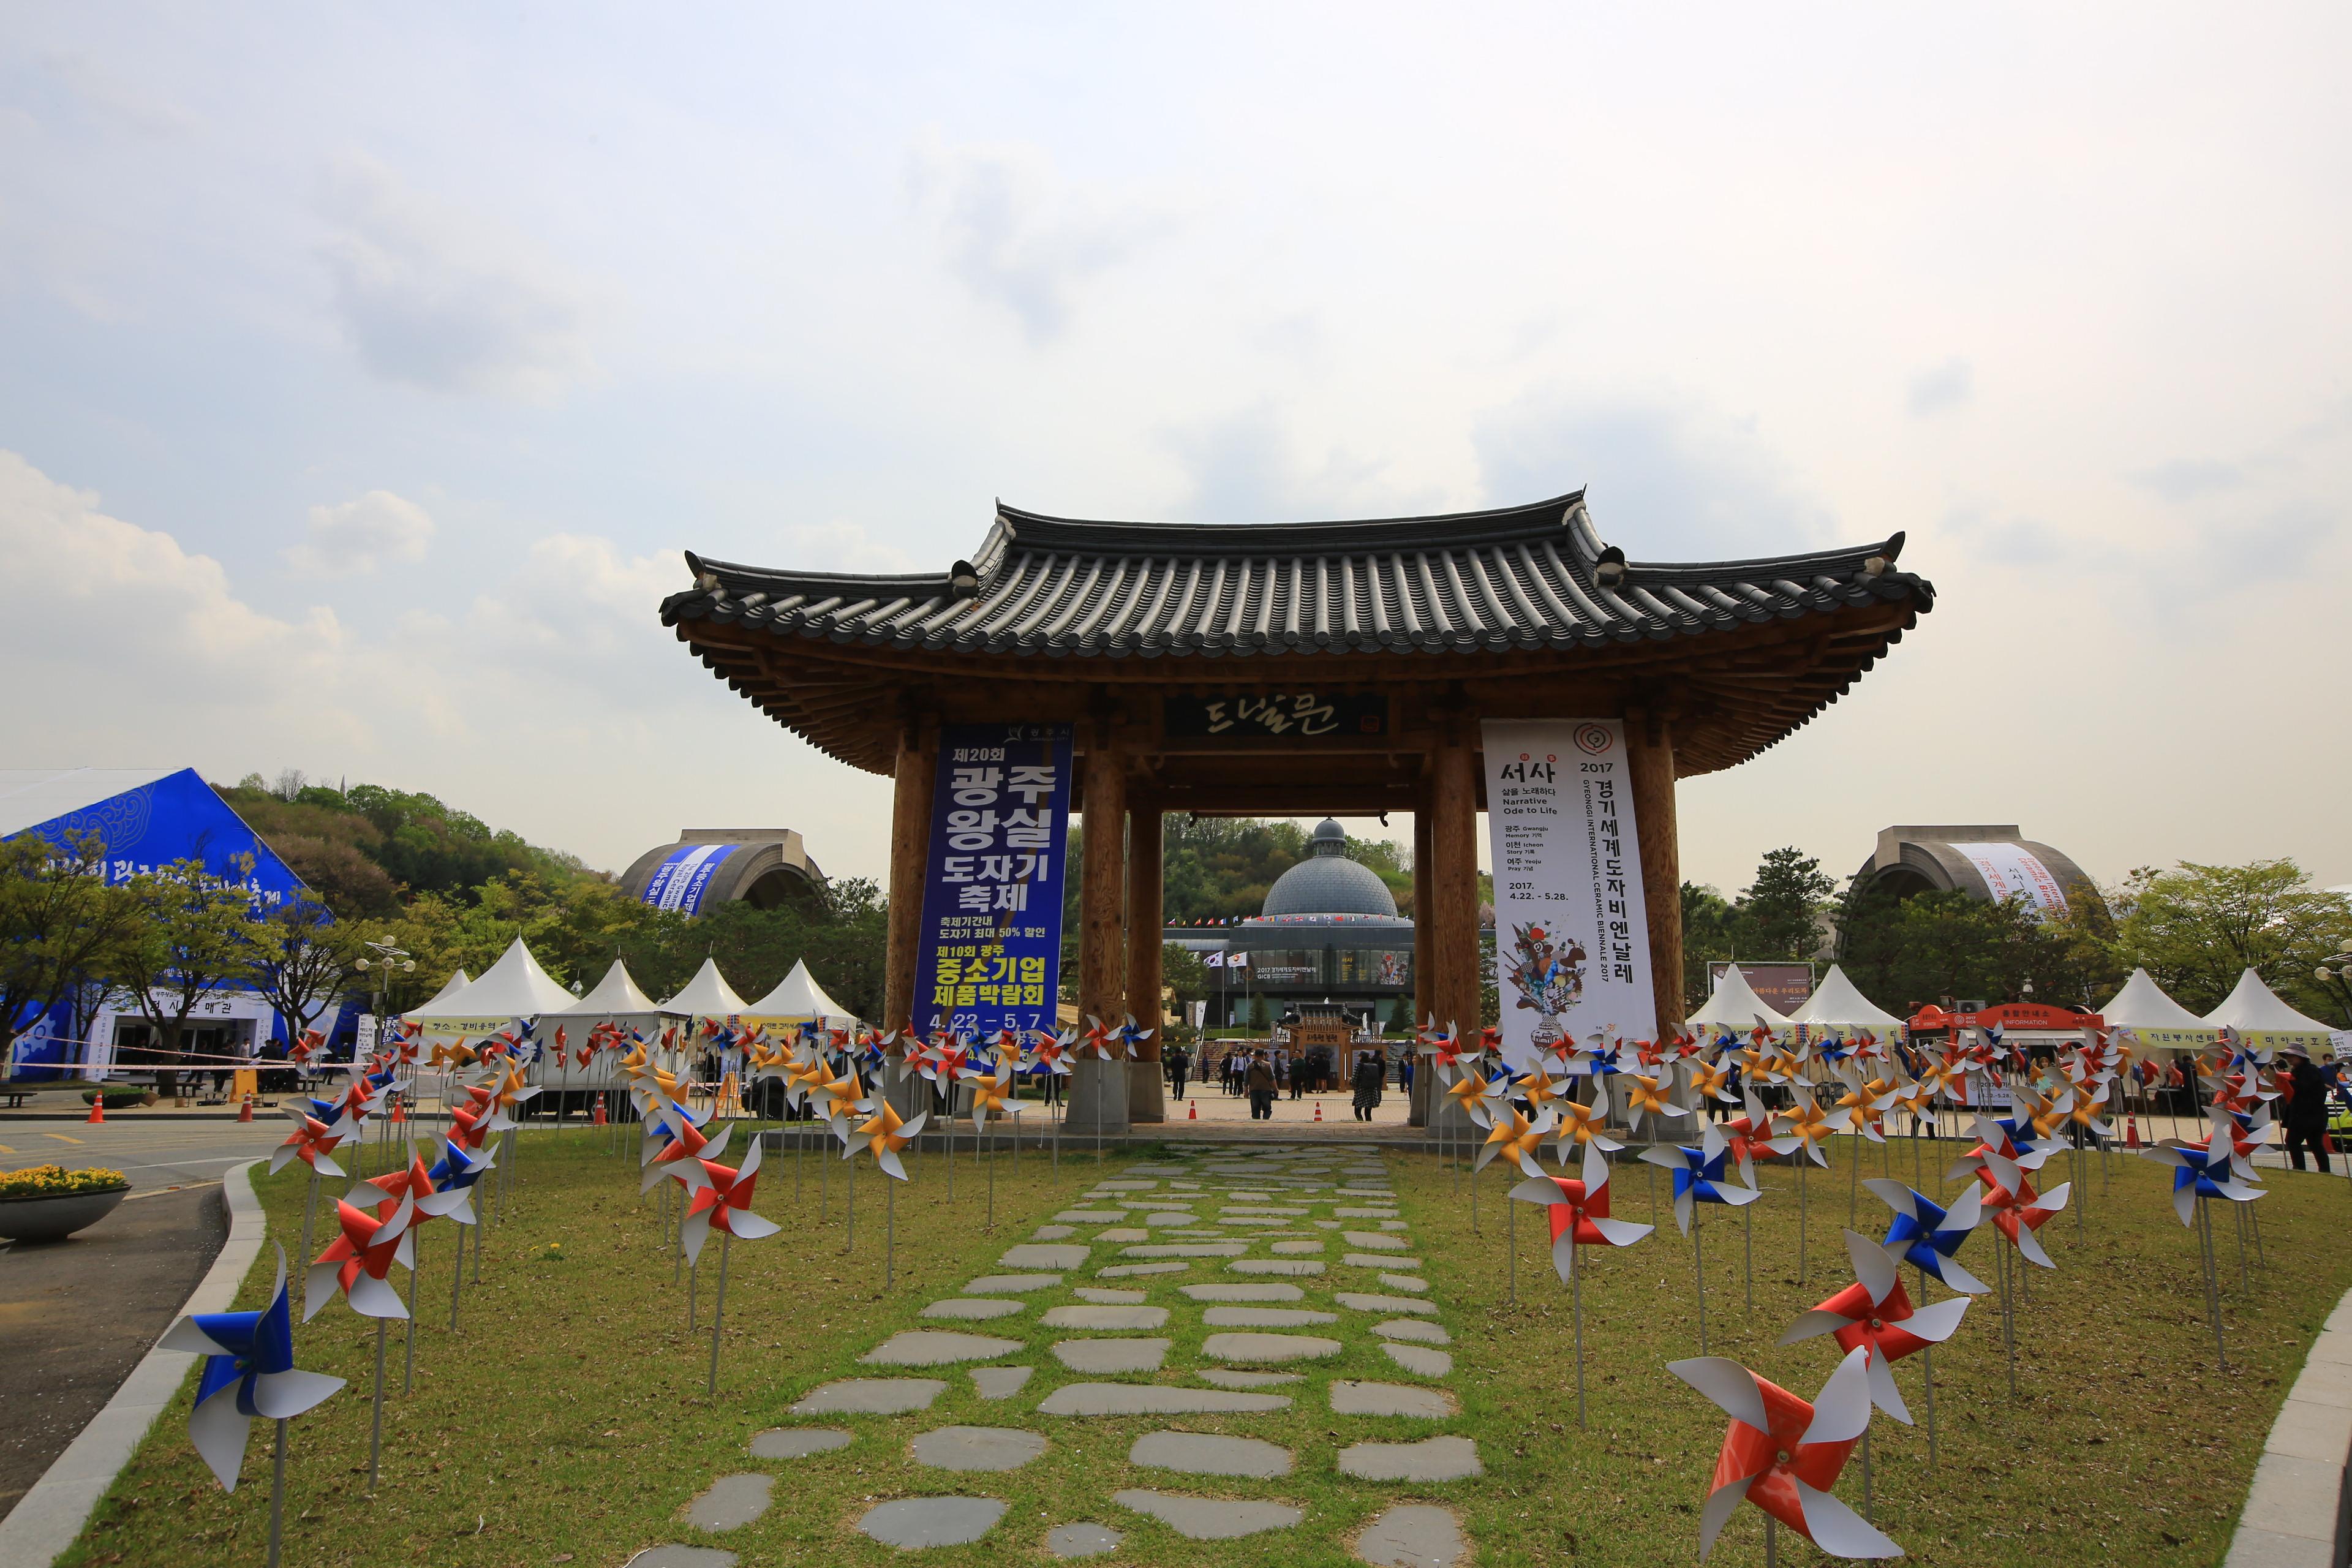 경기세계도자비엔날레 광주왕실도자기축제 경기도 봄축제